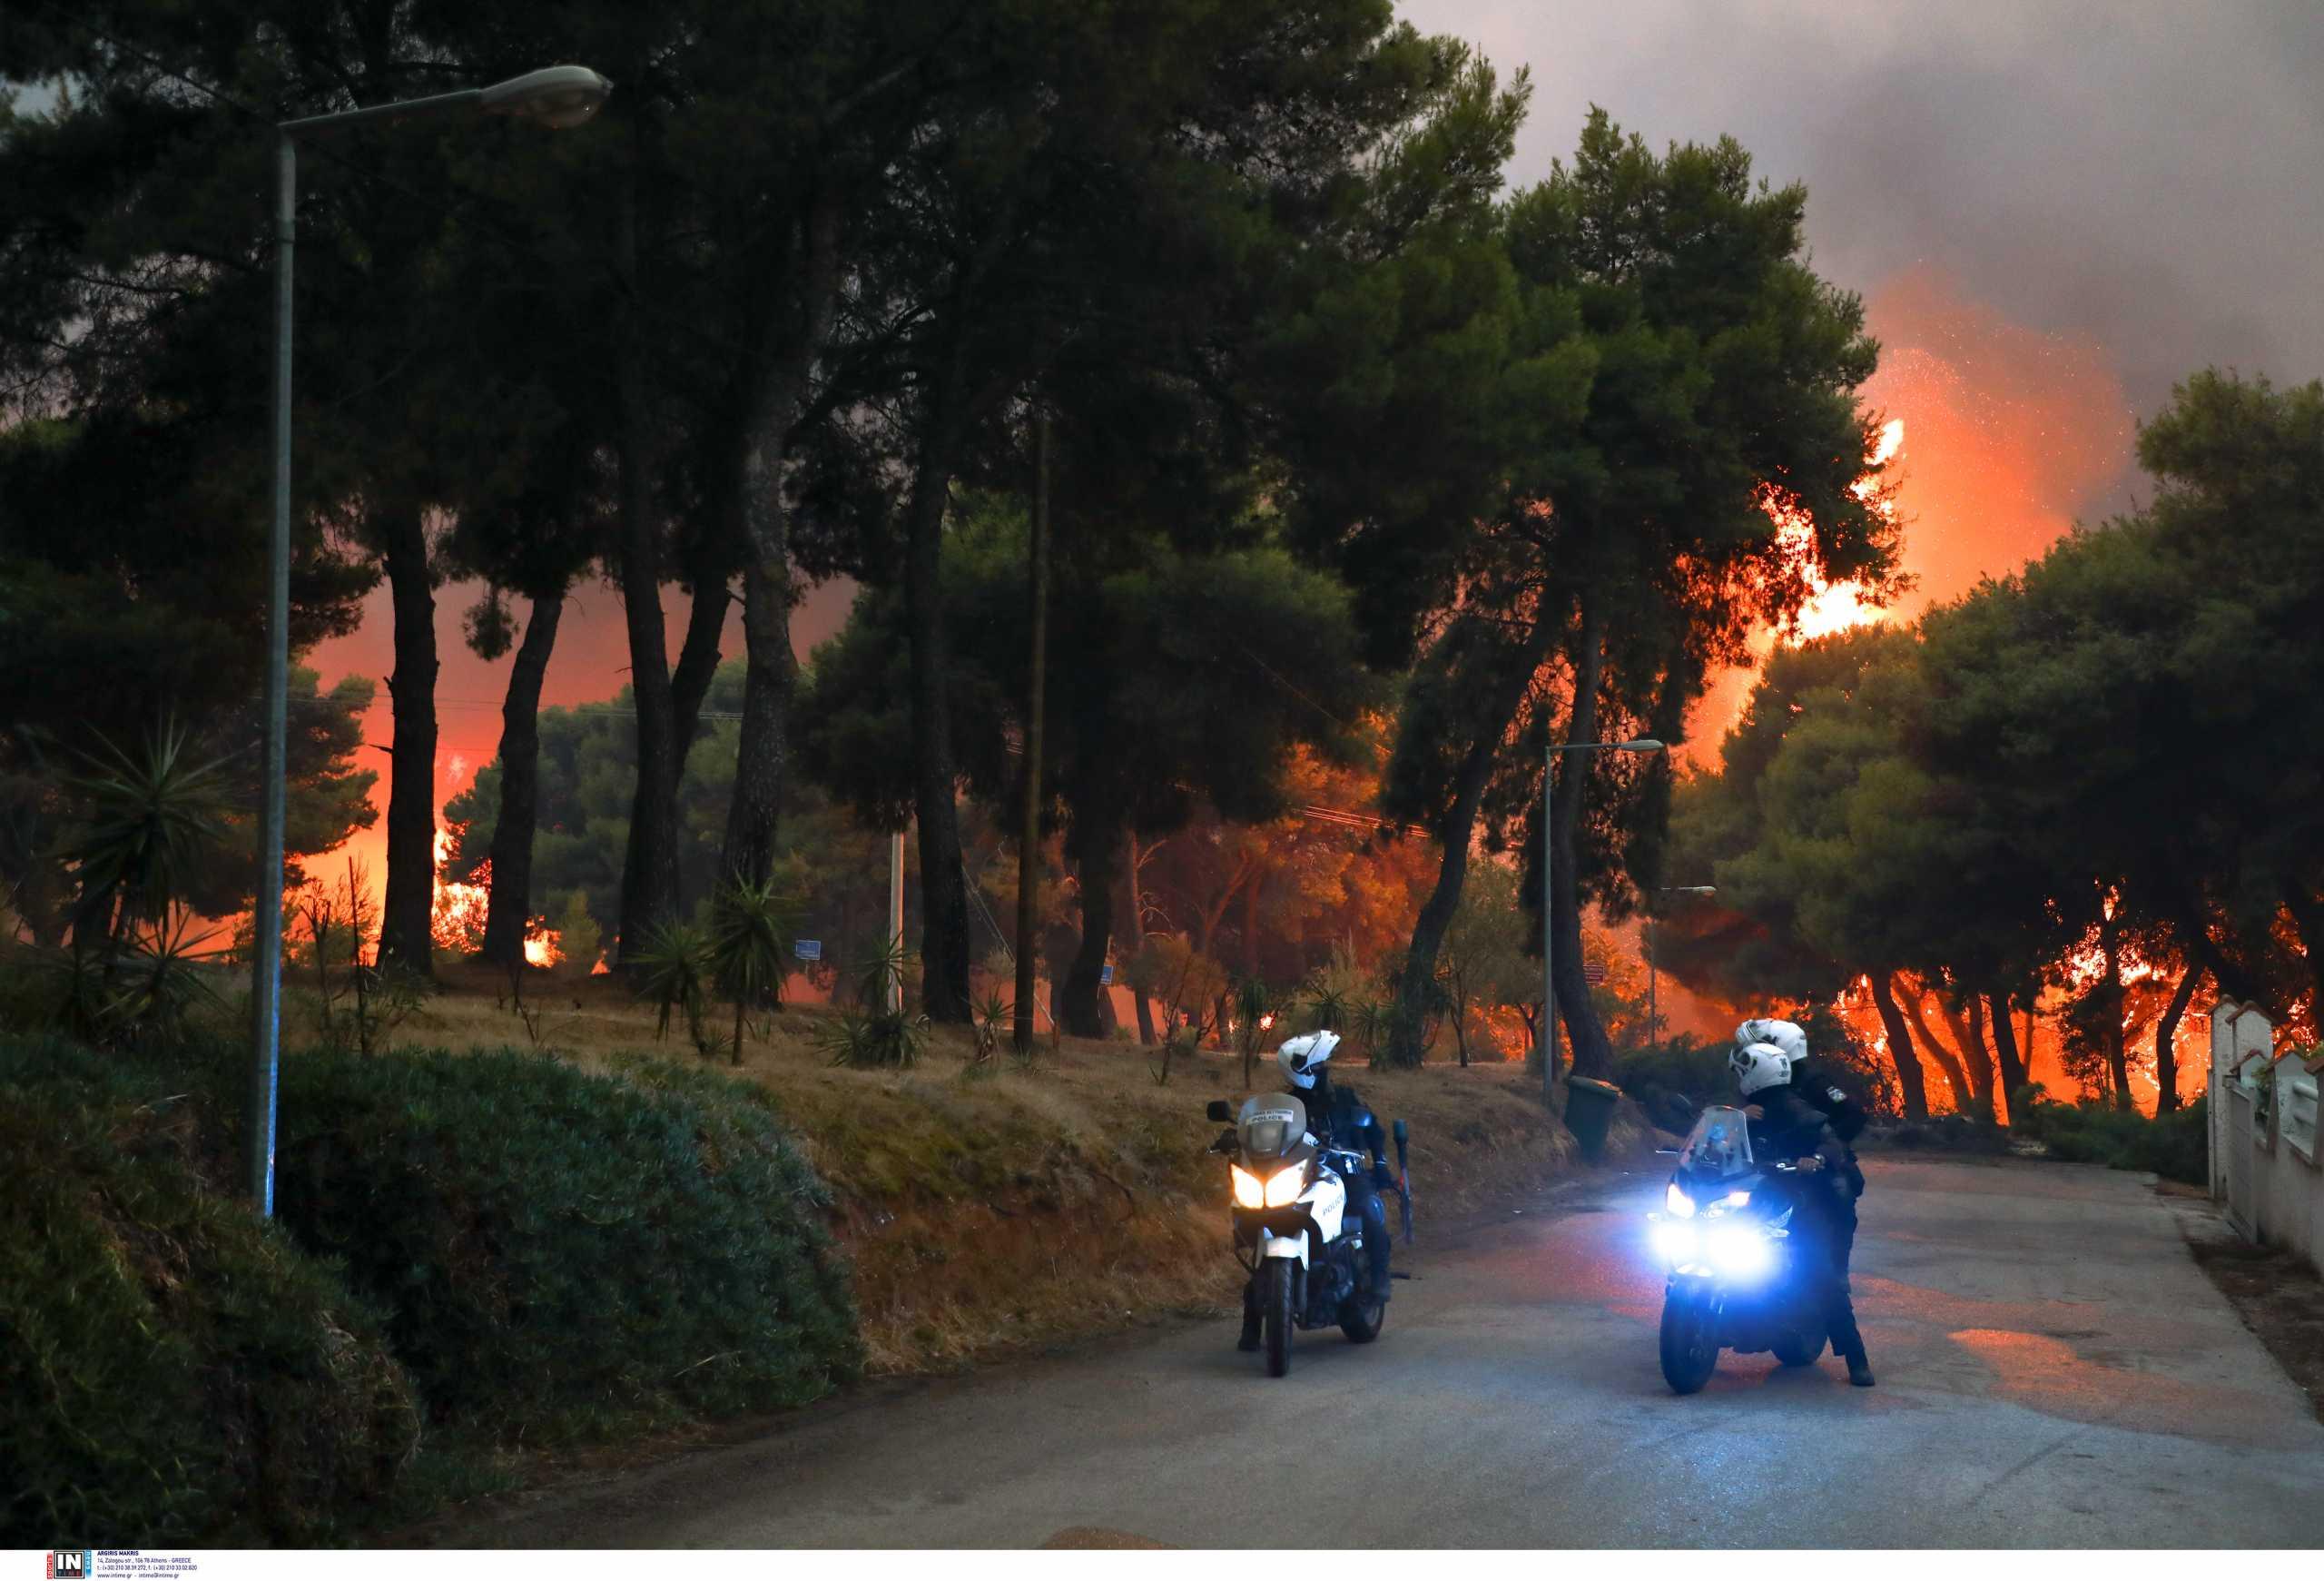 Υπουργείο Υγείας: Όλα τα μέτρα προστασίας των πληγέντων από τις πυρκαγιές – Προσοχή οι ευπαθείς ομάδες!